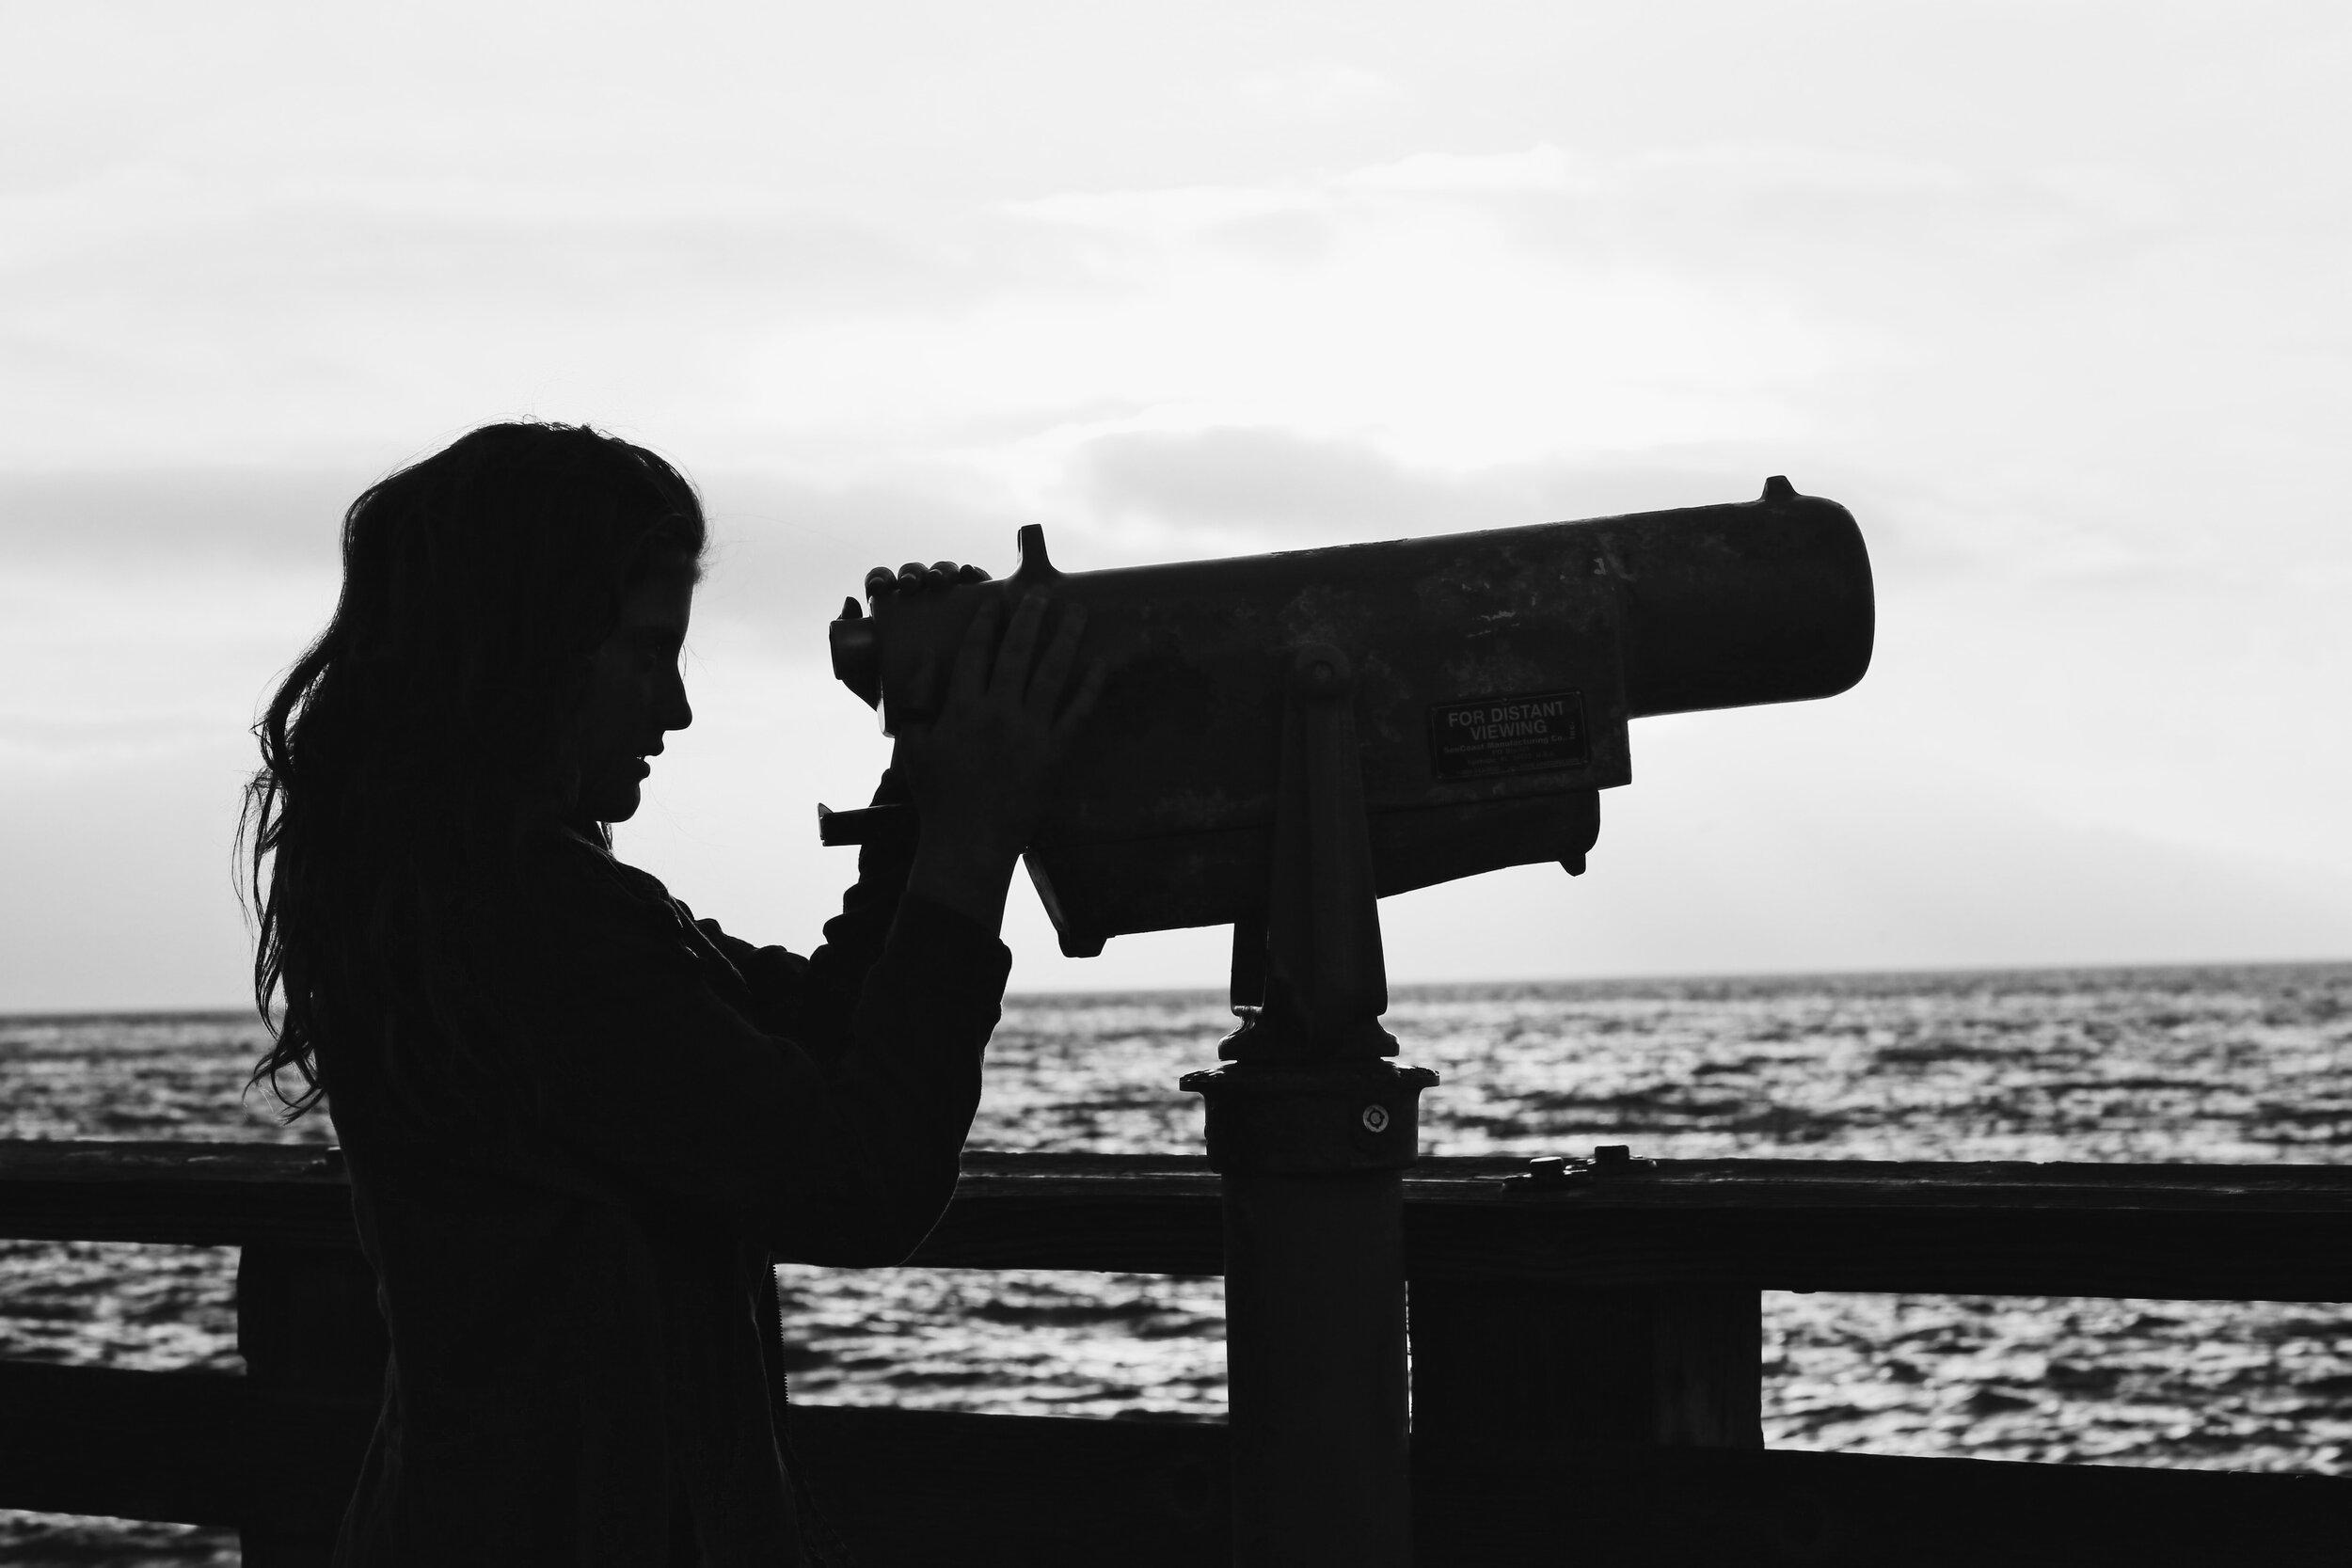 用望远镜看的女人